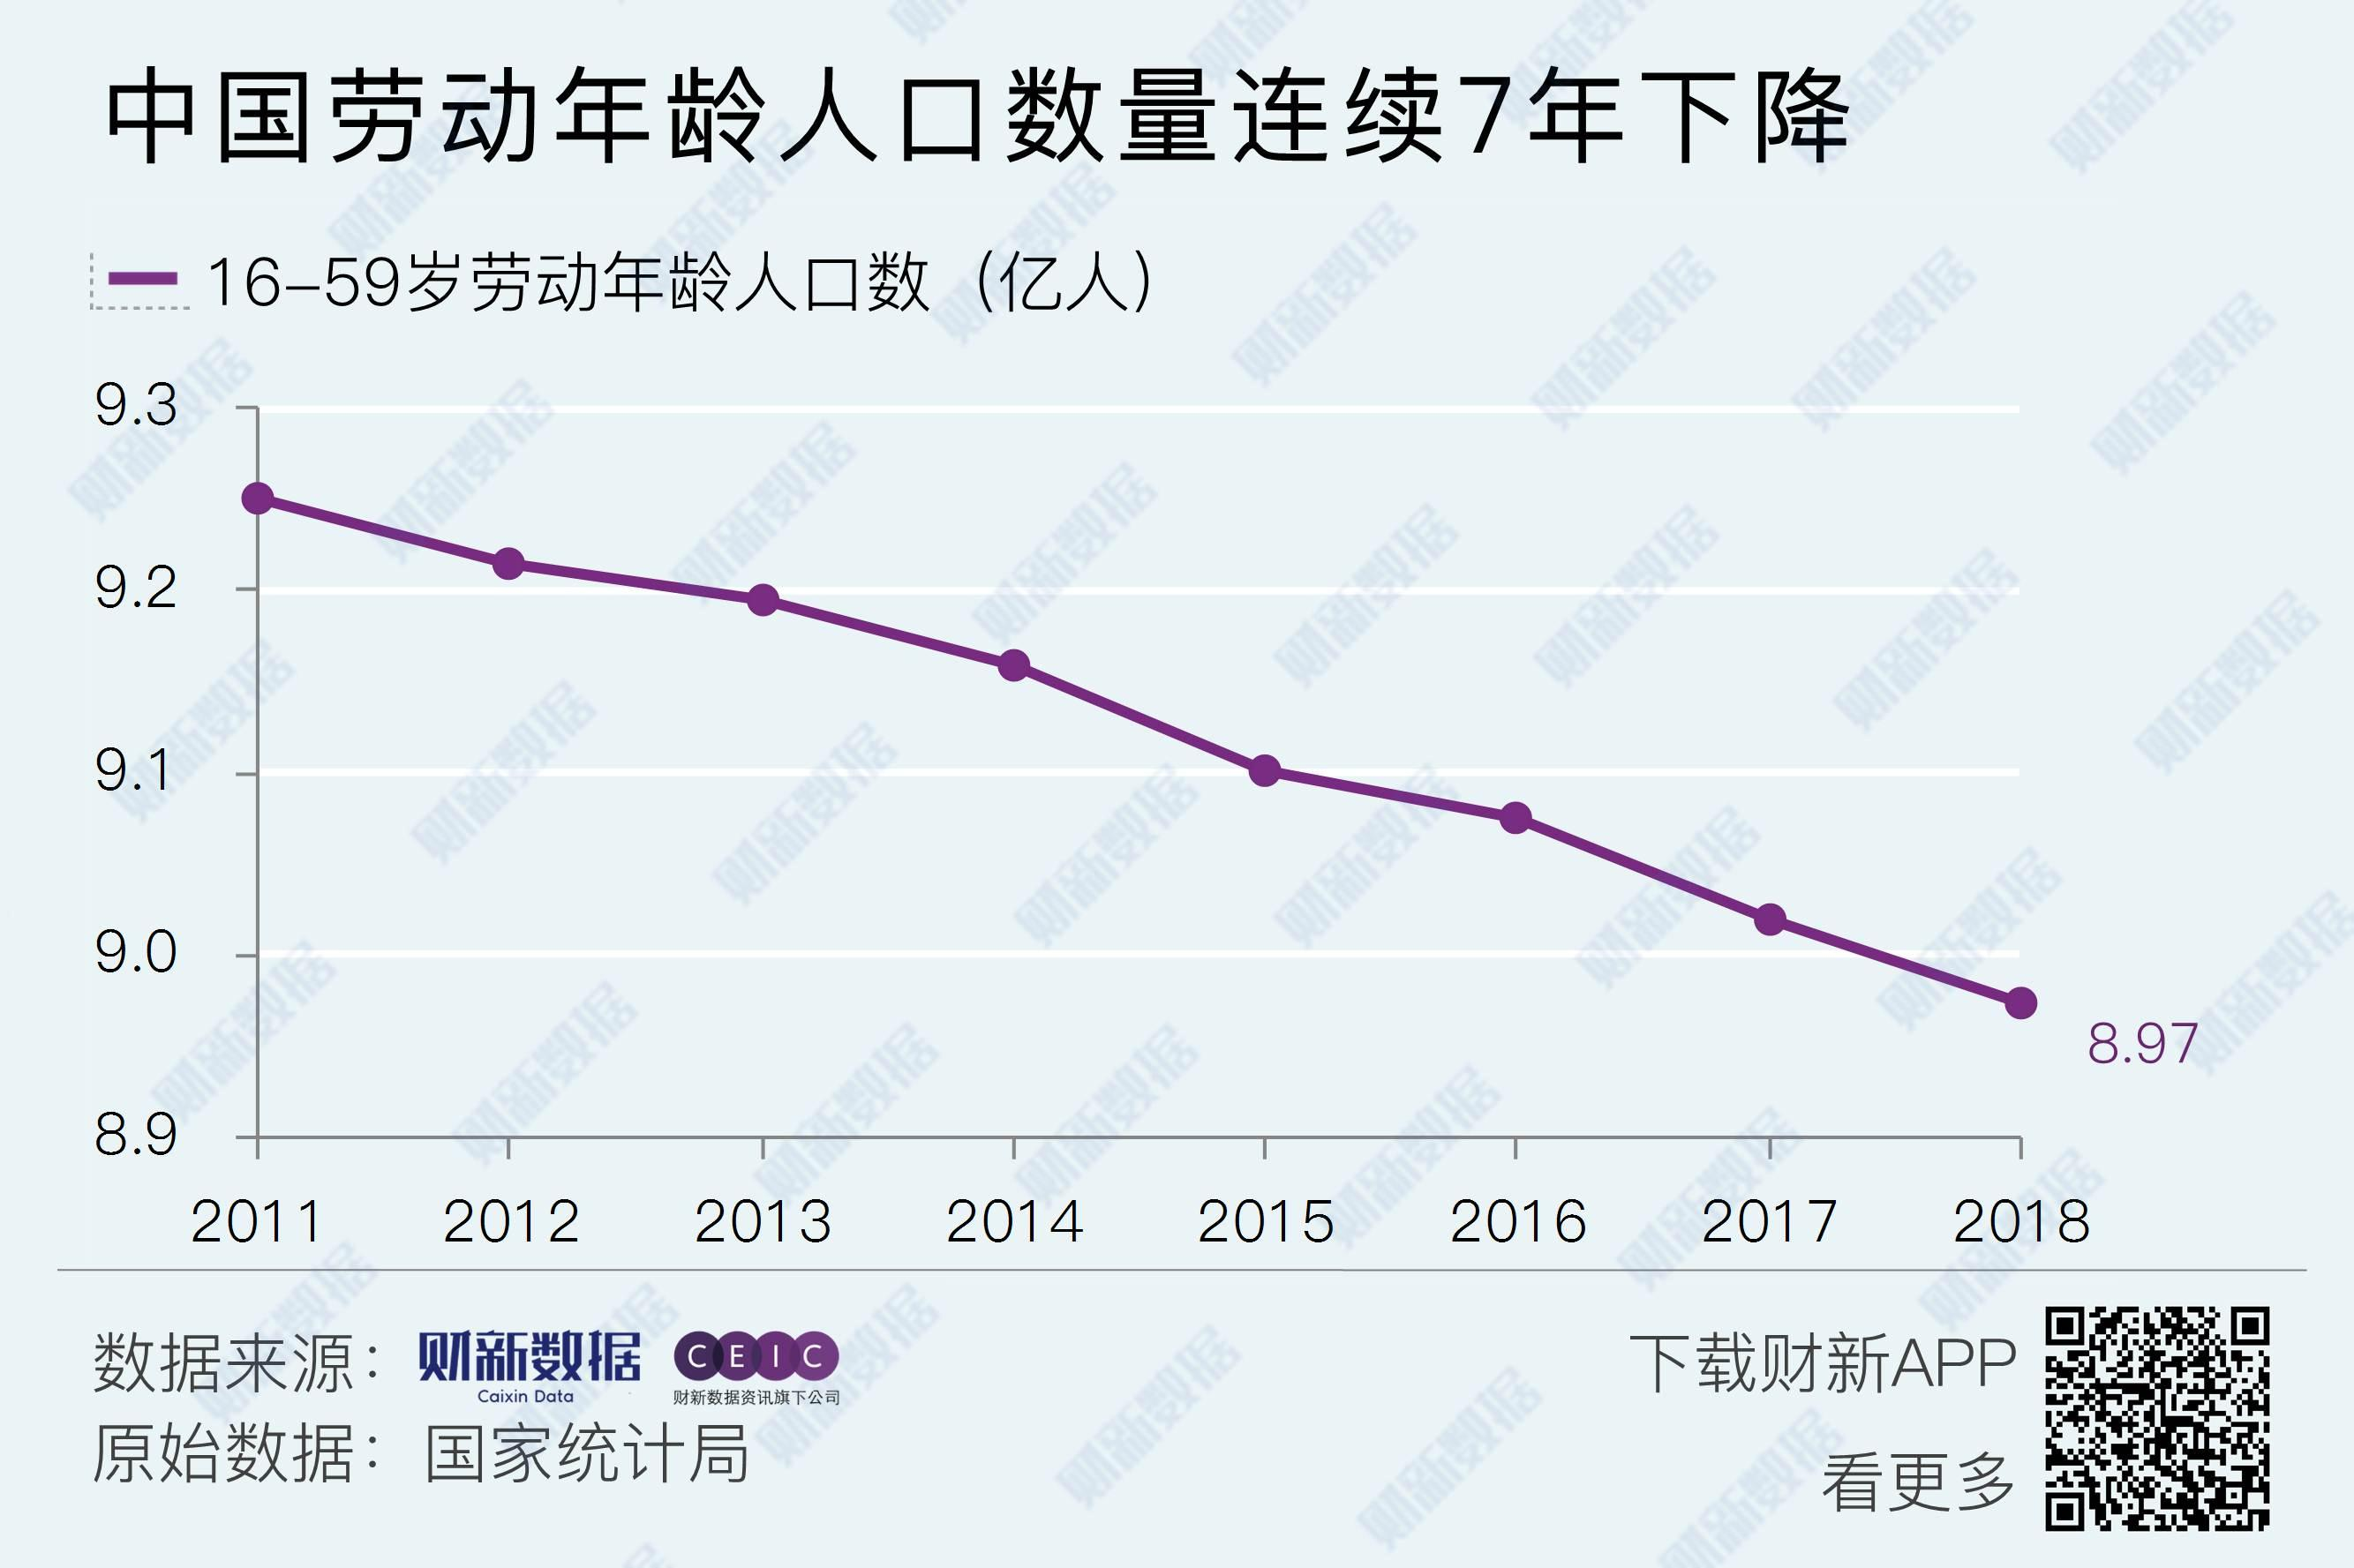 中国分年龄人口数_...12万余份遗嘱数据分析显示:立遗嘱人平均年龄5年降了